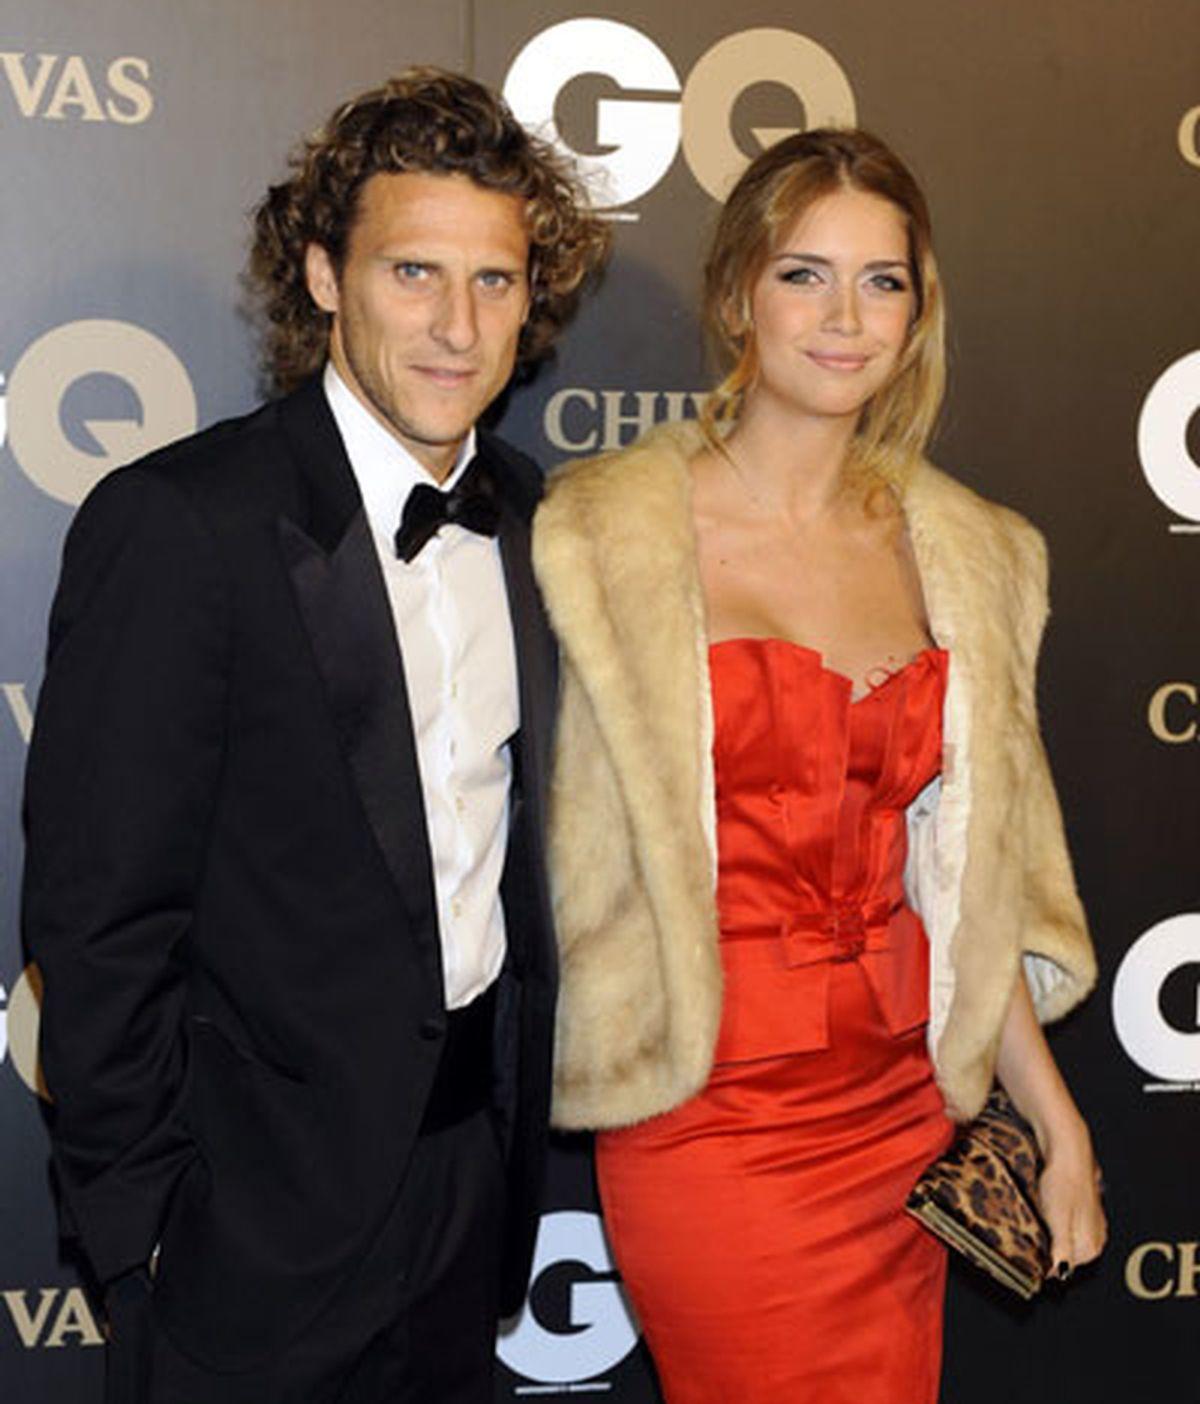 Diego Forlán acudió a la gala con su novia, la modelo Zaira Nara. FOTO: GTres.